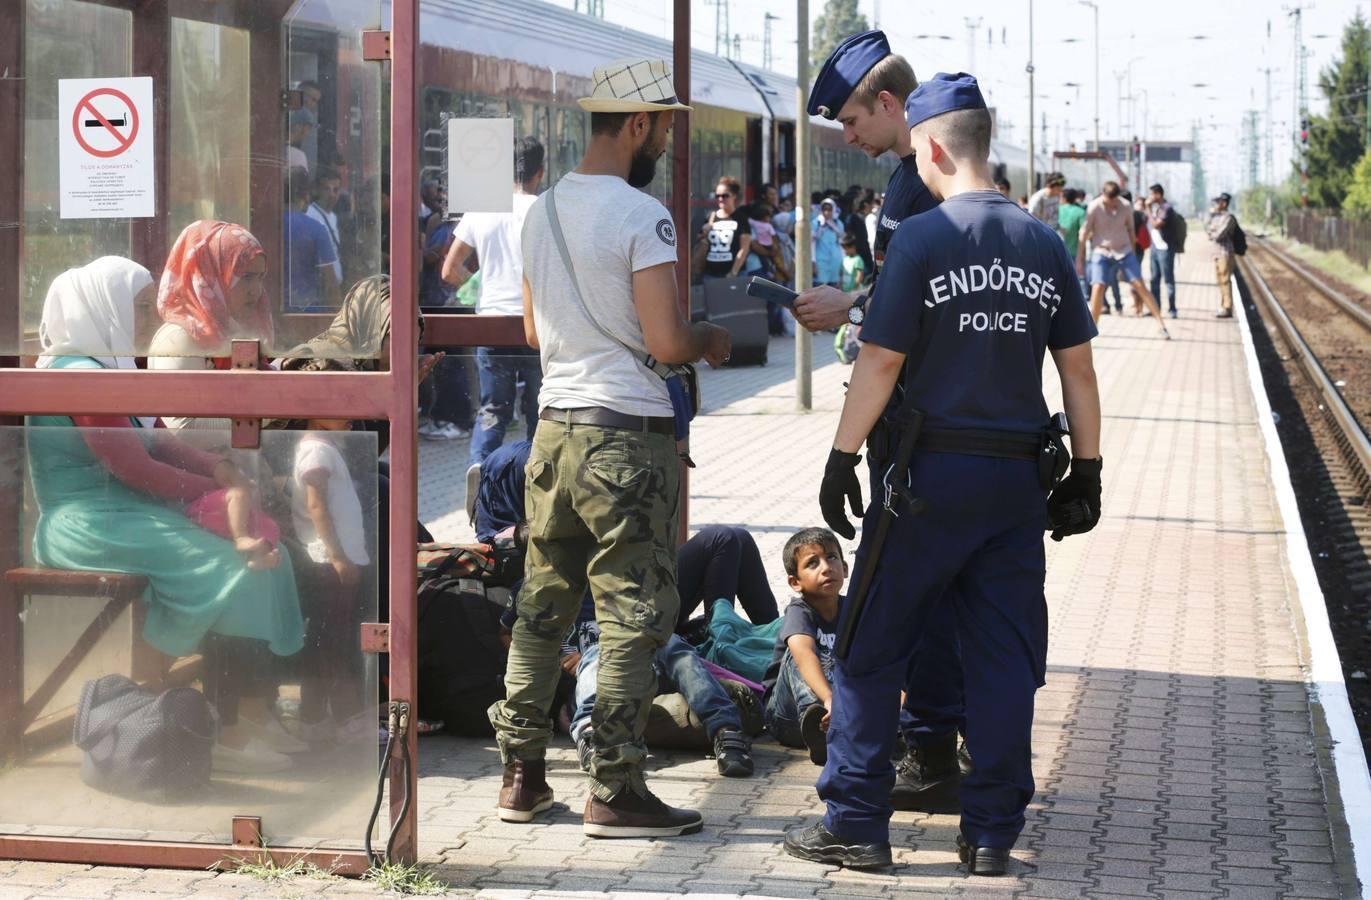 En imágenes: Miles de refugiados y emigrantes siguen atravesando Hungría